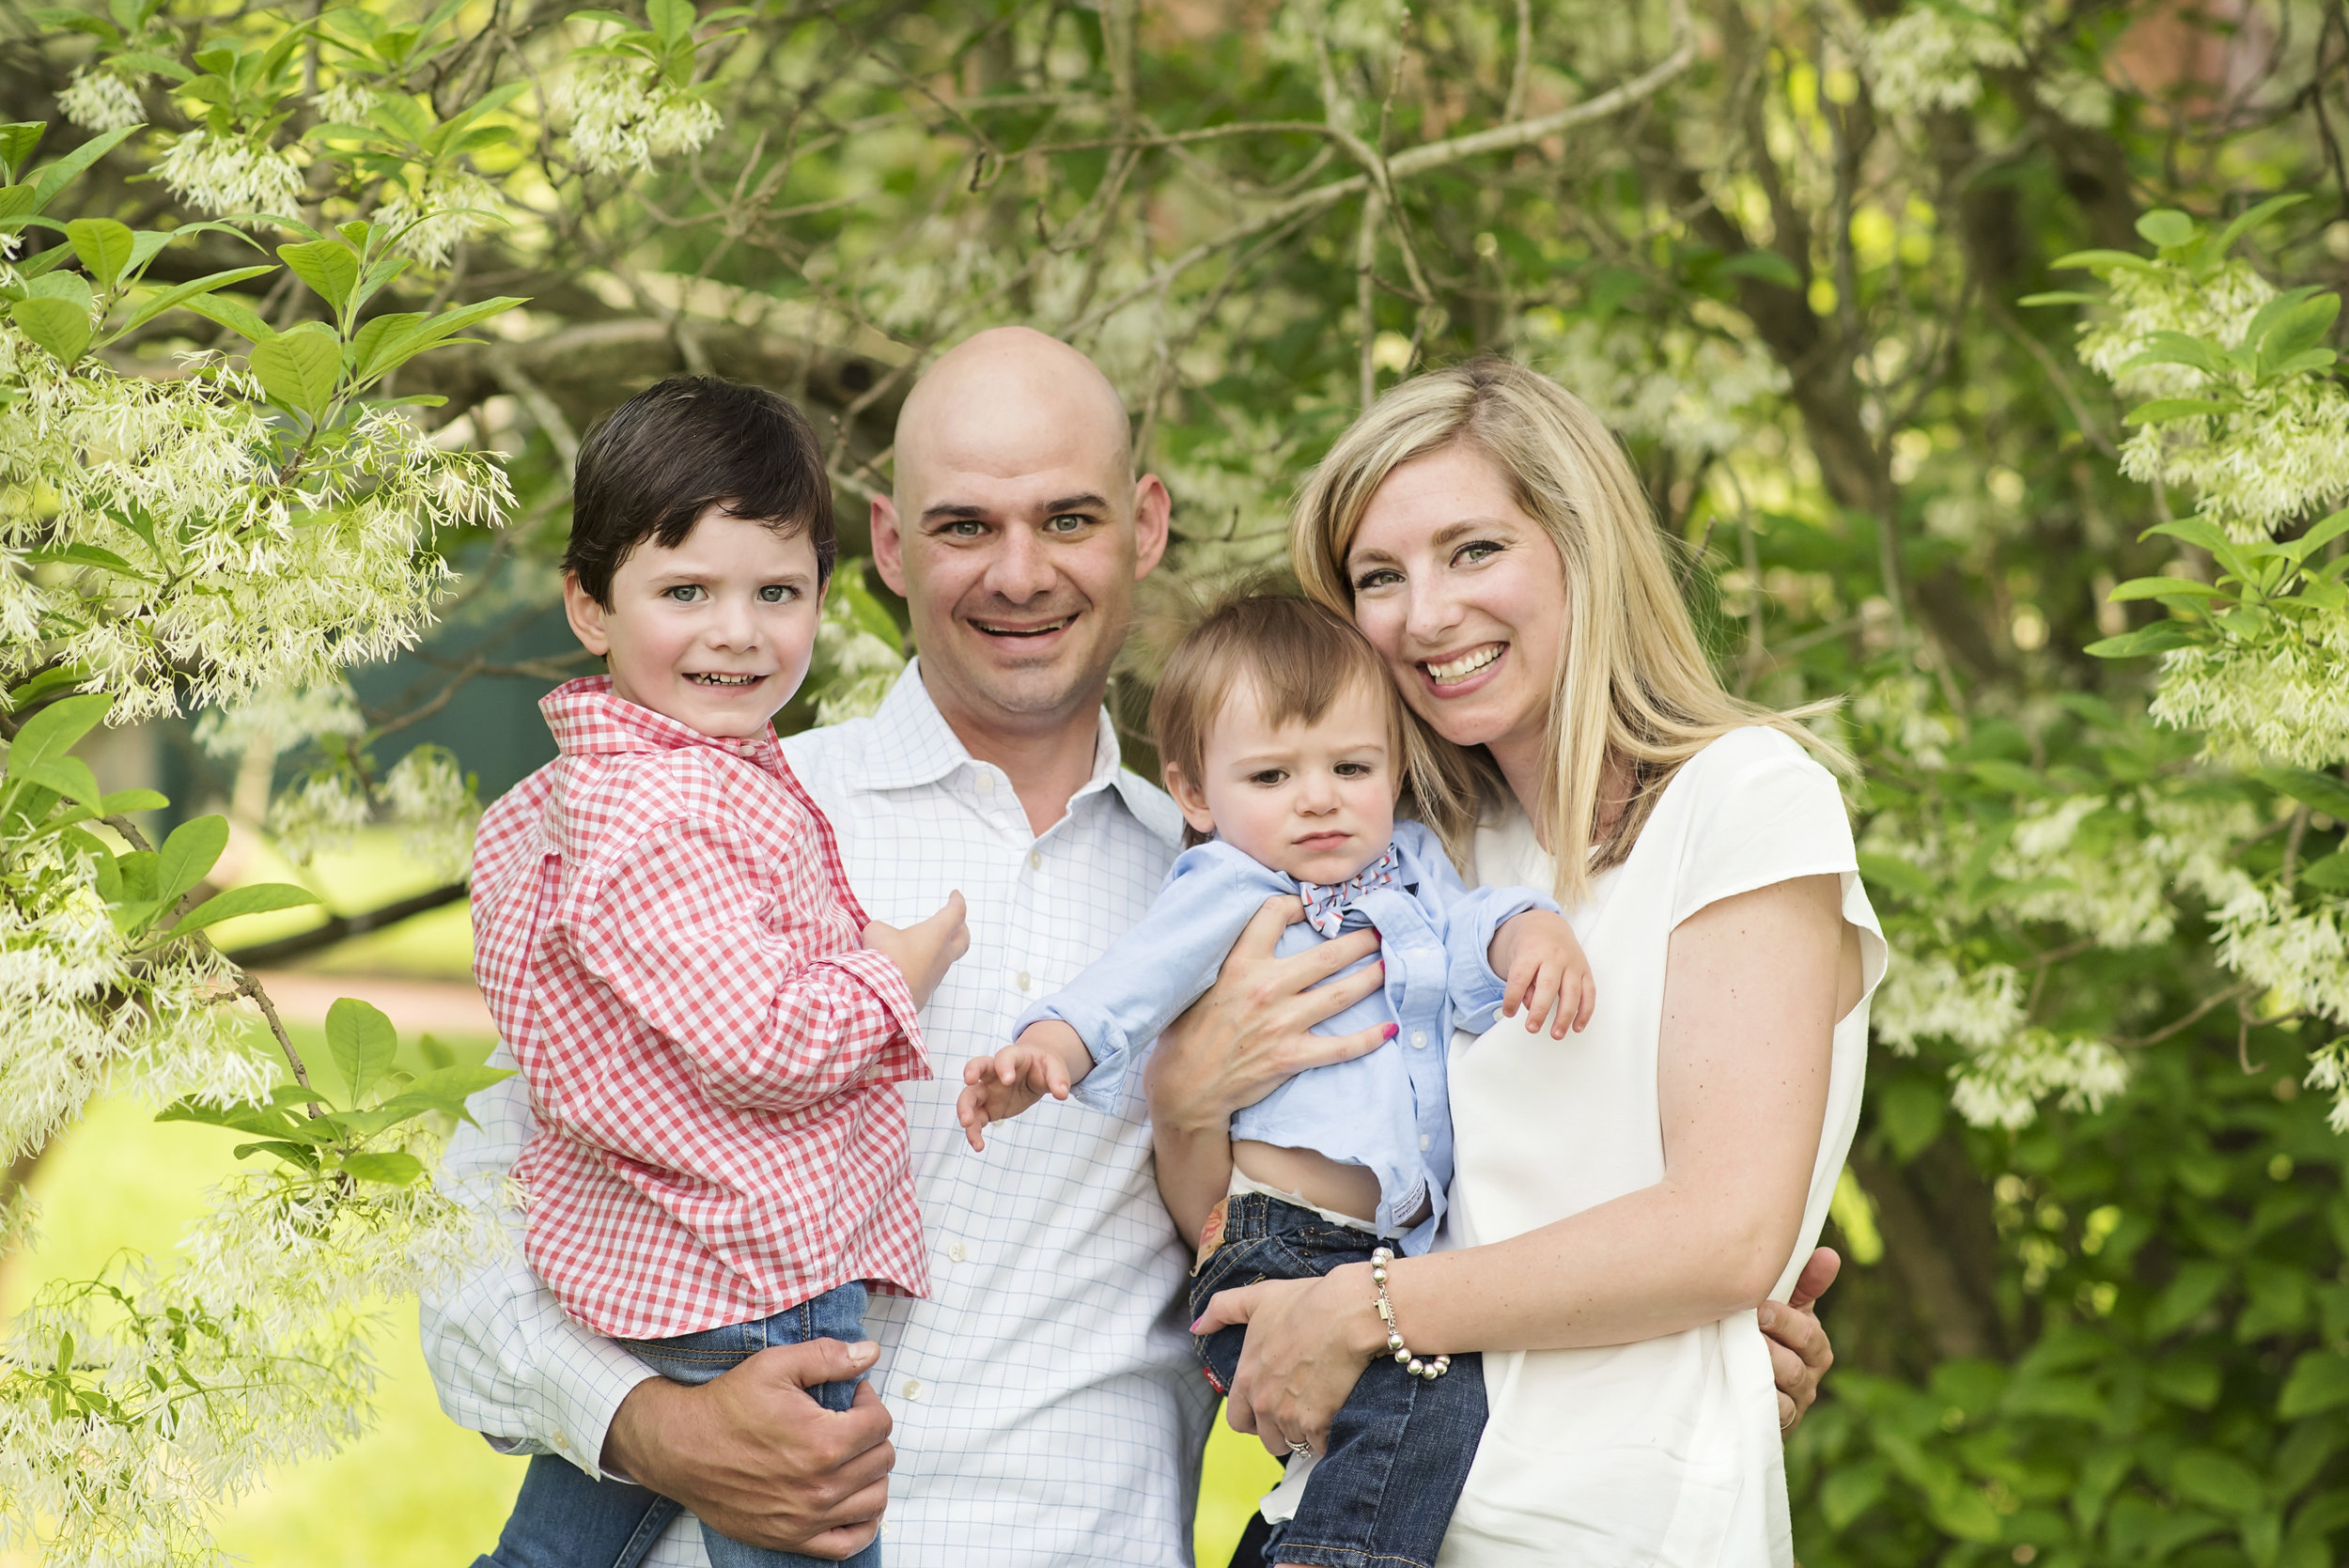 Kocalick Family 03.jpg